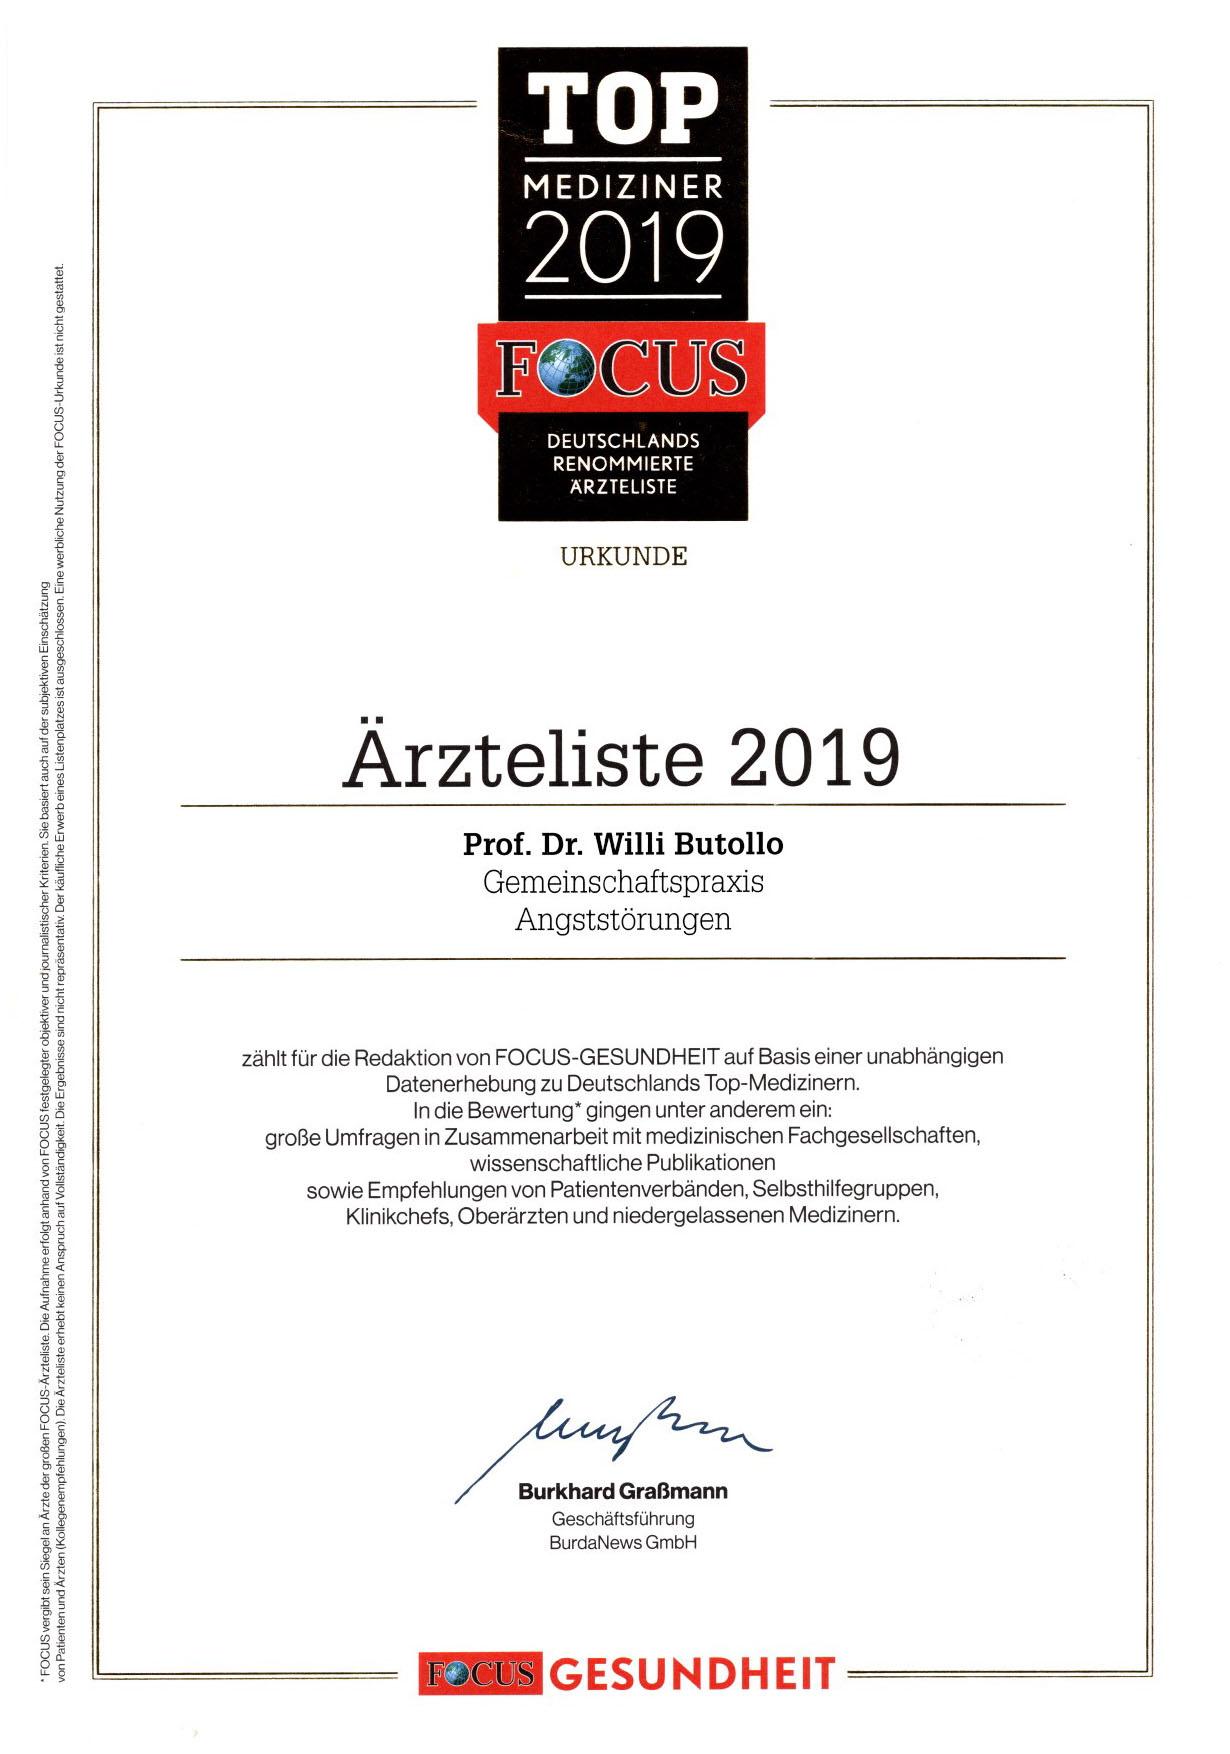 Focus Ärzteliste 2019